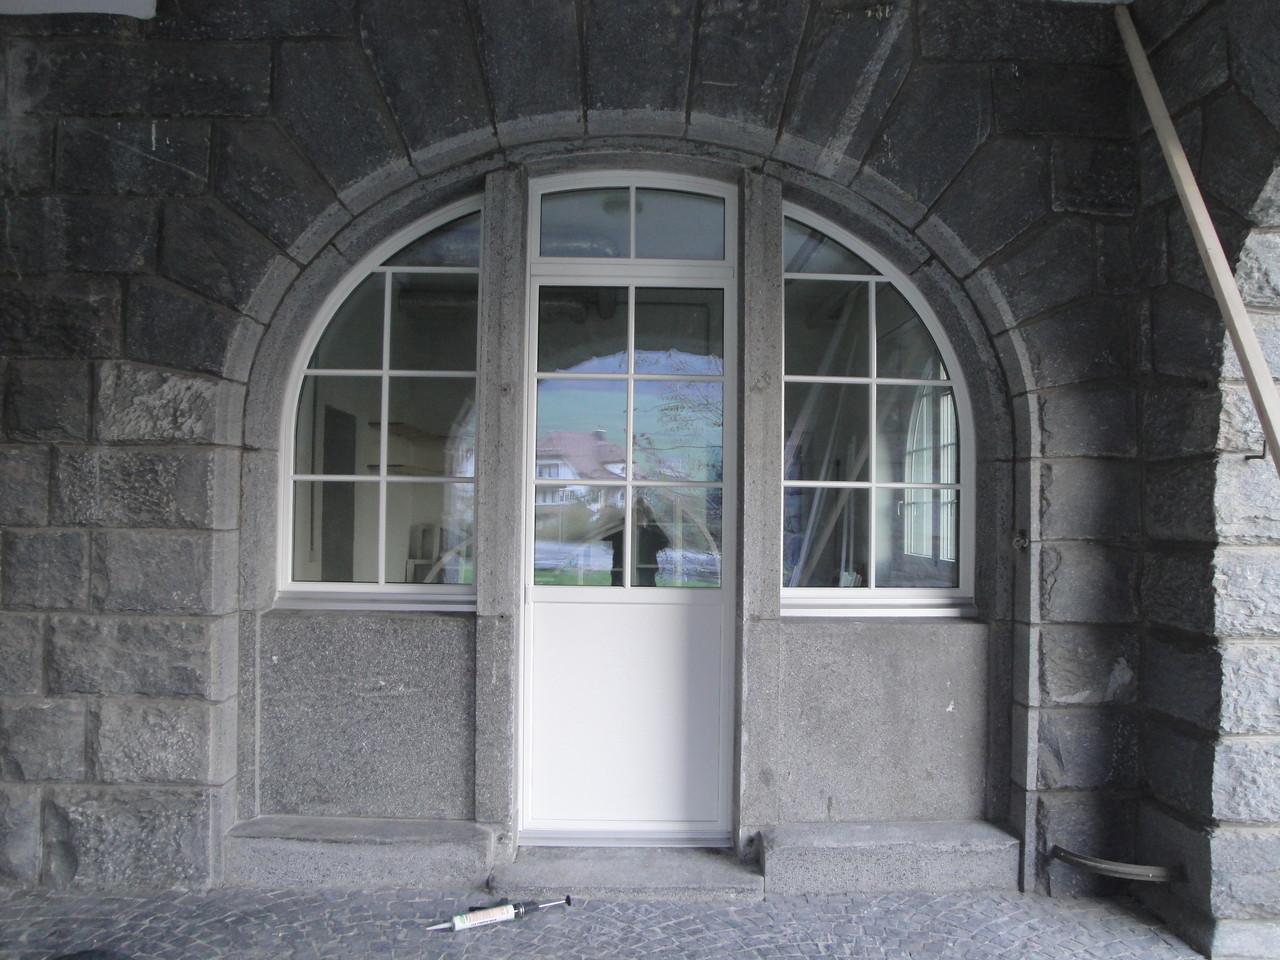 Fenster Pfrundhaus, Glarus